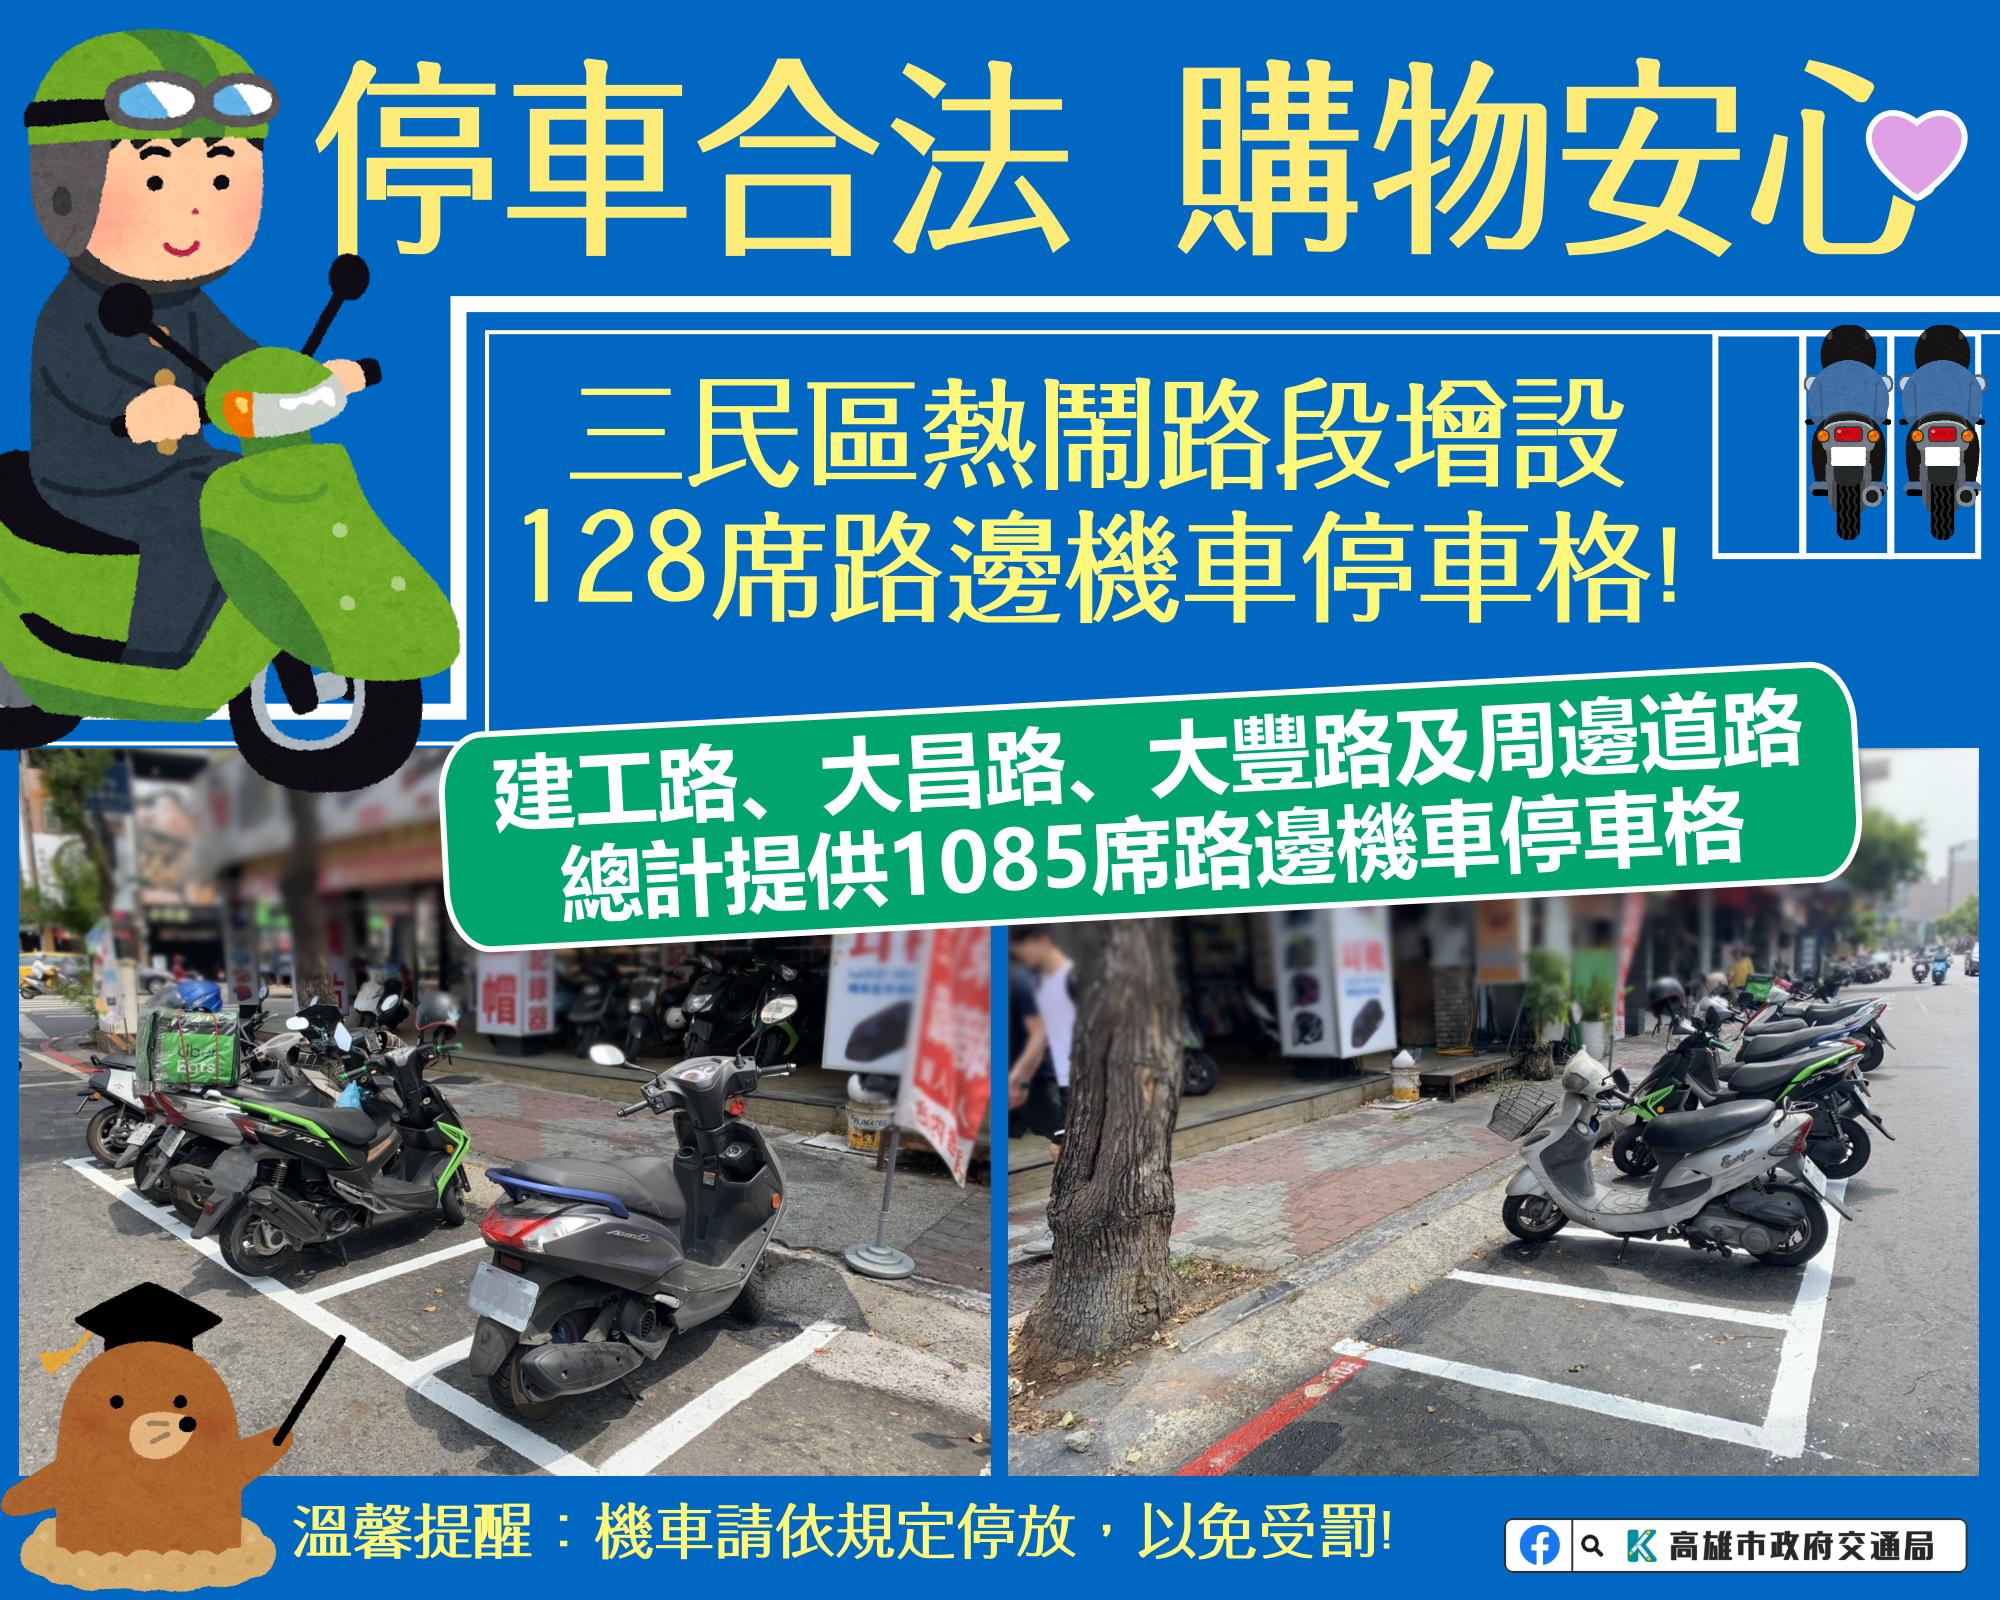 停車合法購物安心圖卡.png